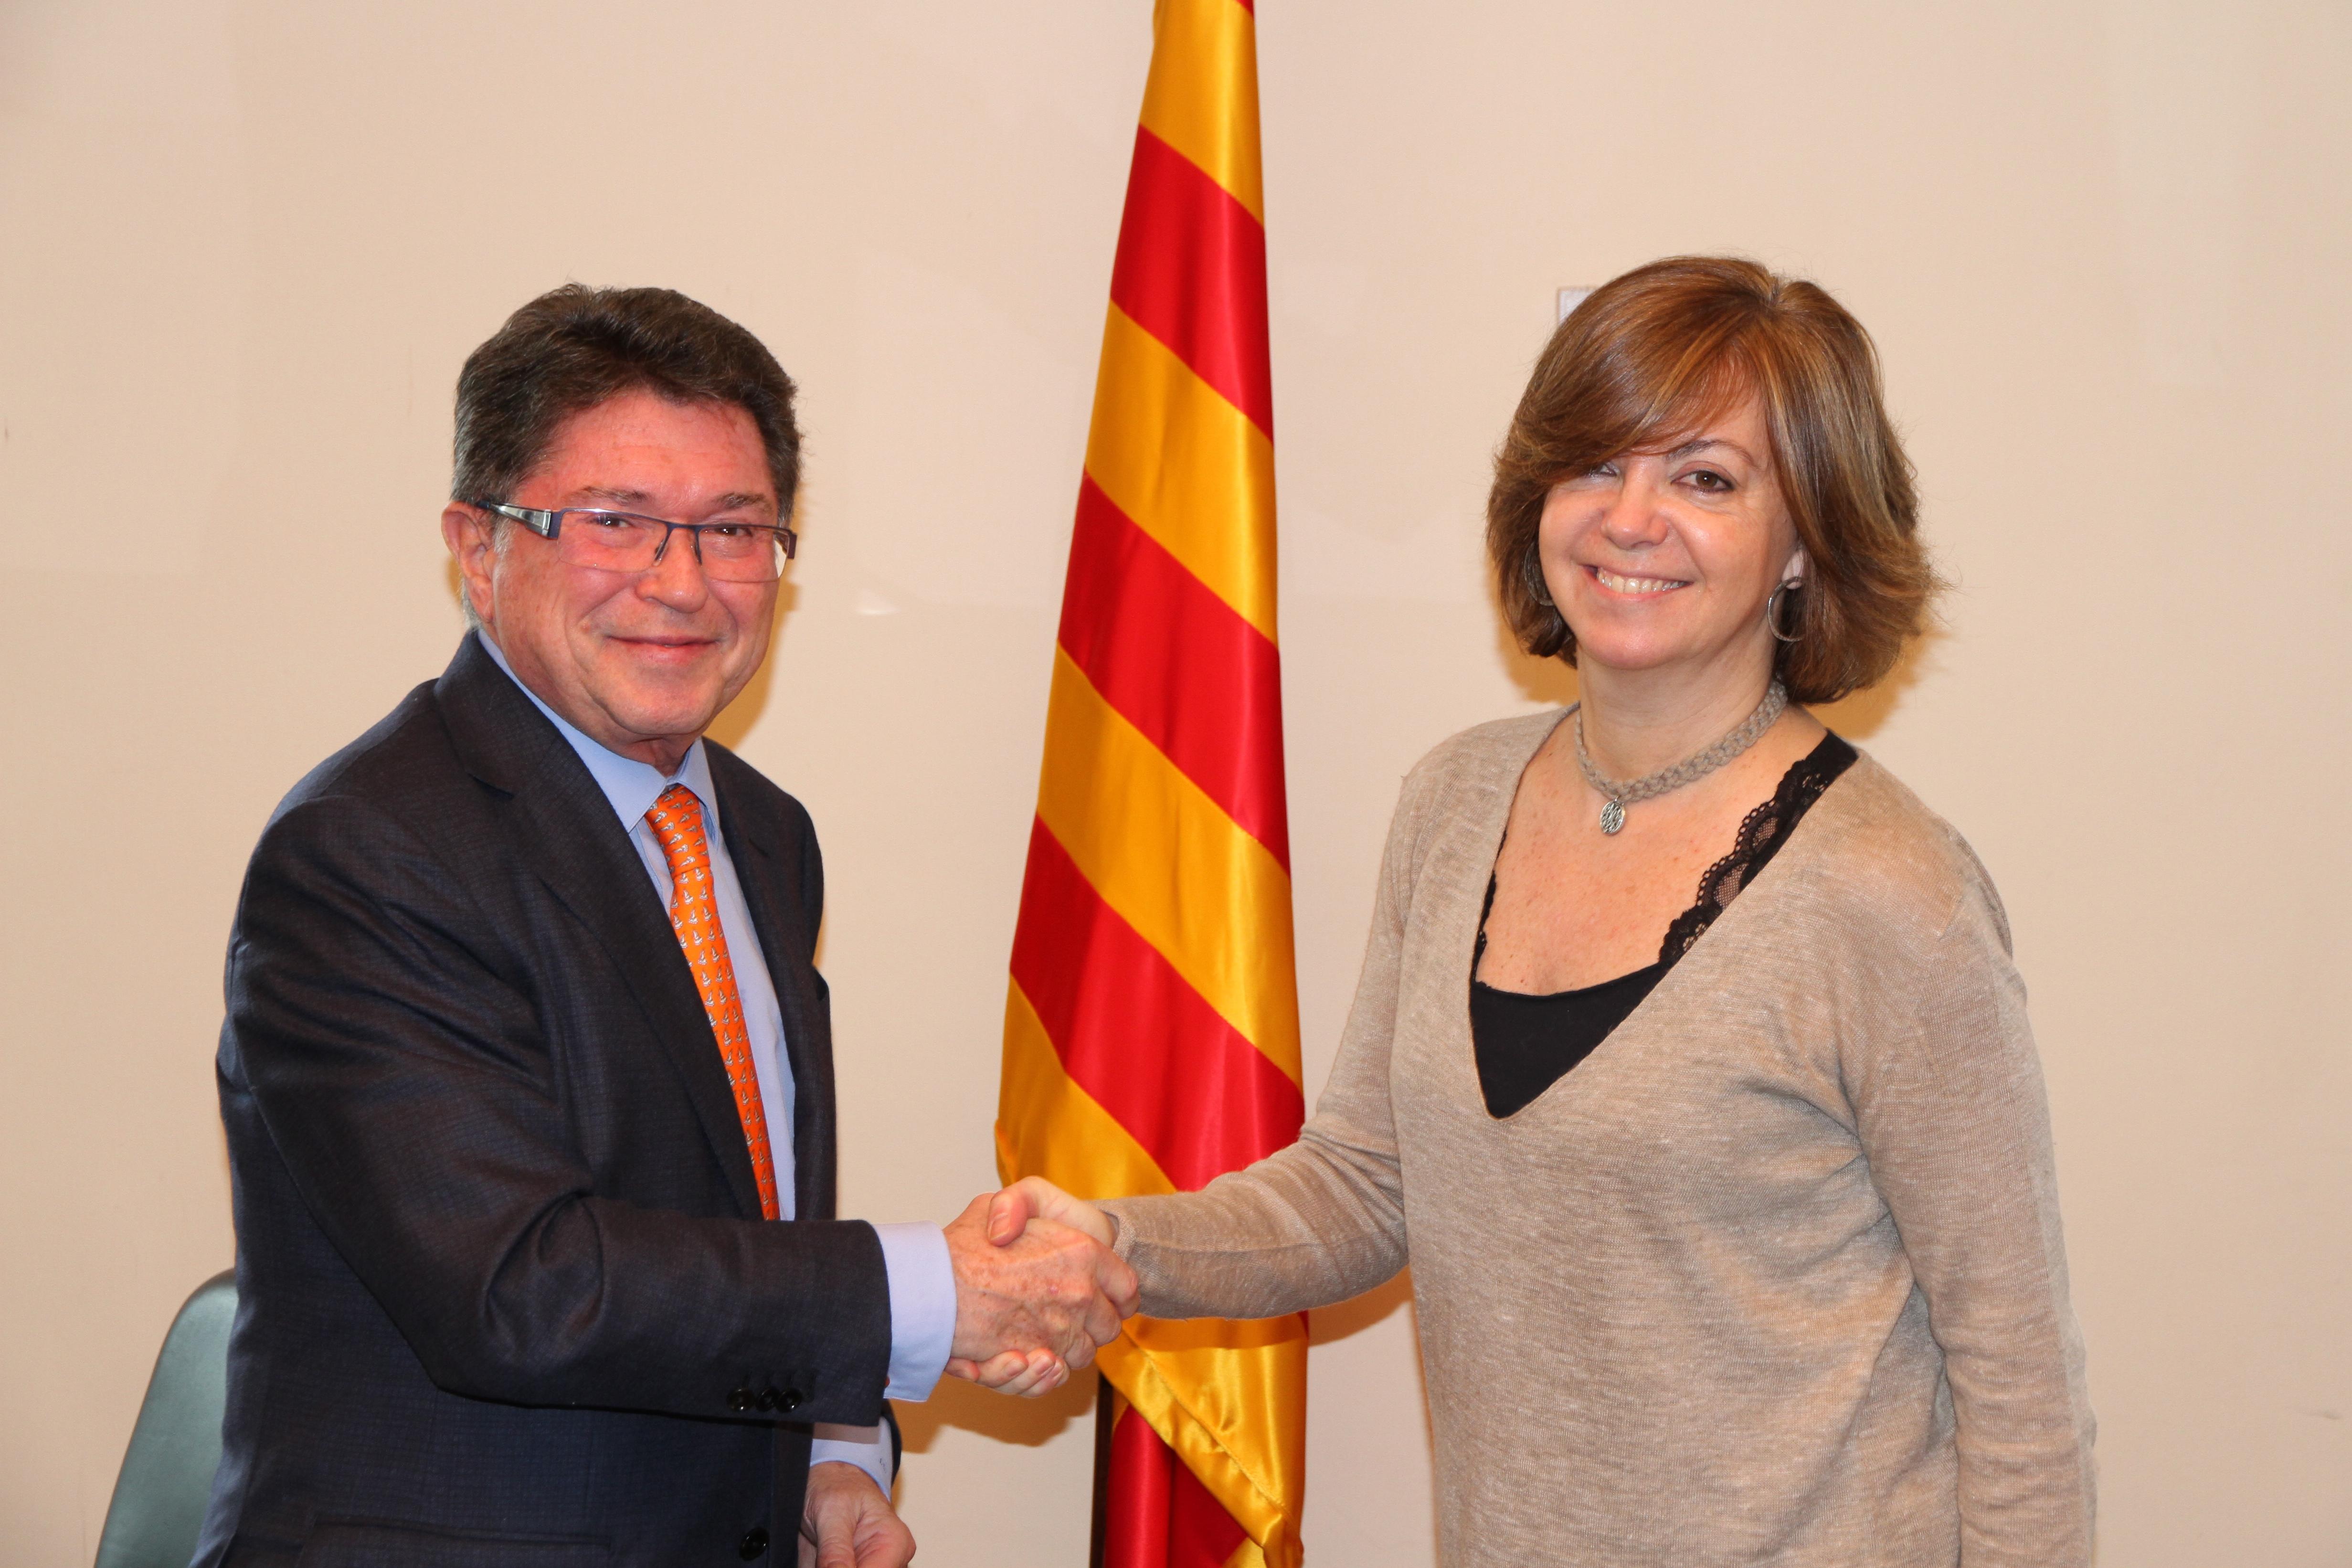 Jaume Cabré, vicepresidente primero de CriteriaCaixa, y Meritxell Borràs, consellera de Vivienda. Fuente:Generalitat de Cataluña